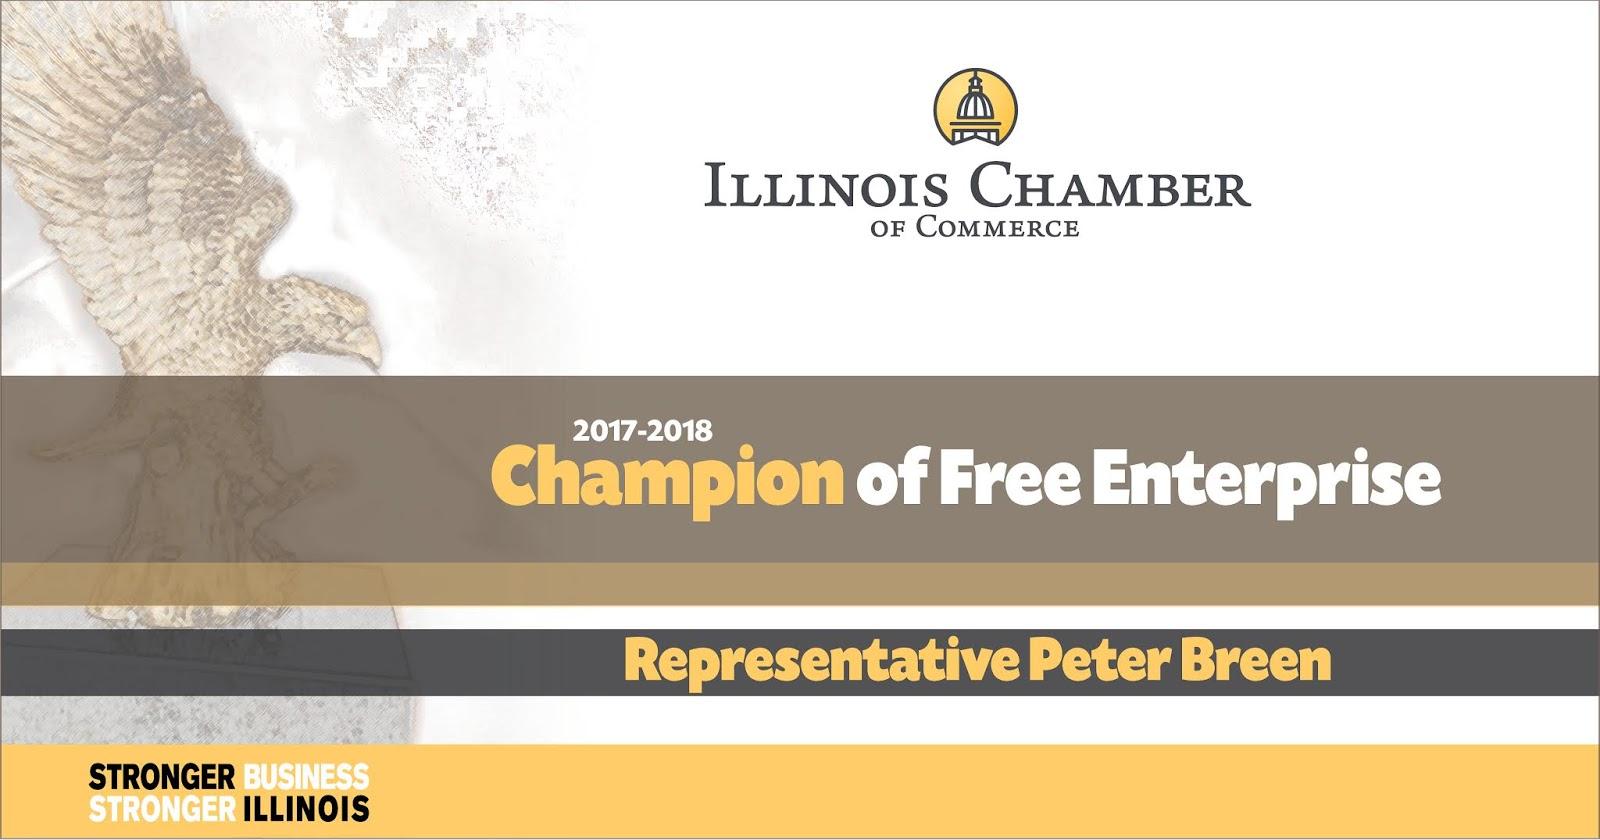 ChamberChampions_RepBreen.jpg